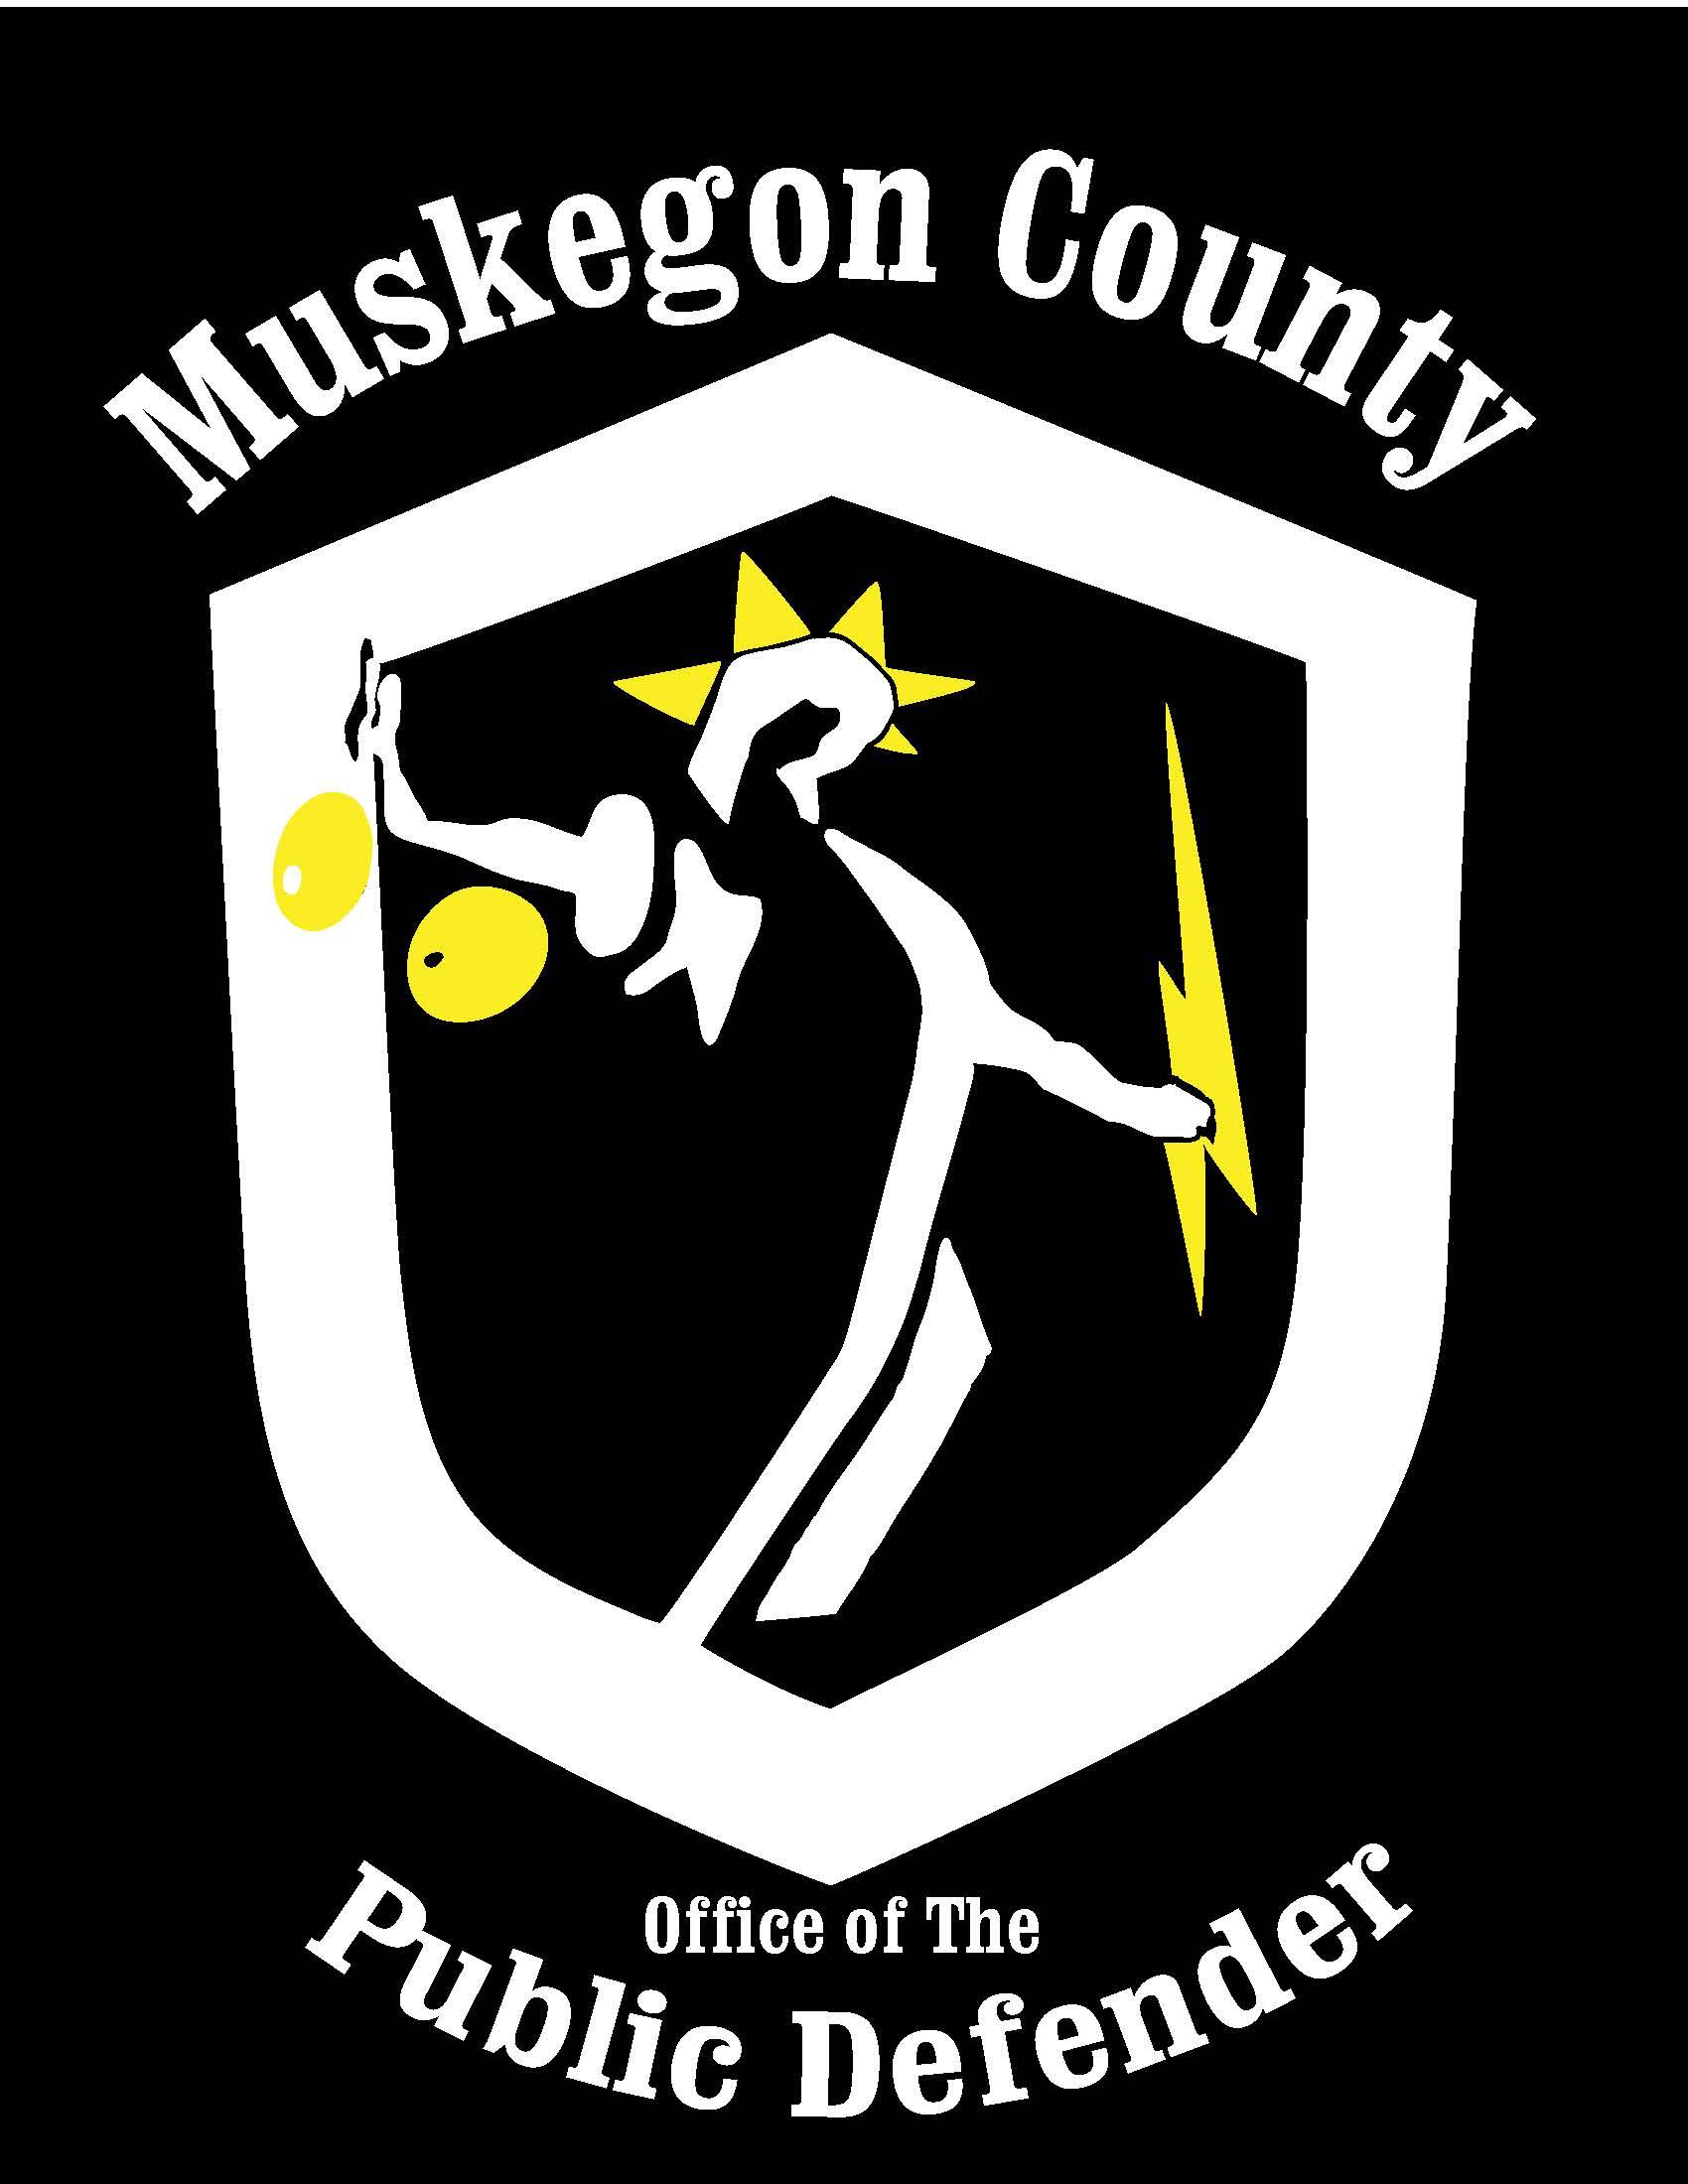 Muskegon County Public Defenders   Muskegon County, MI